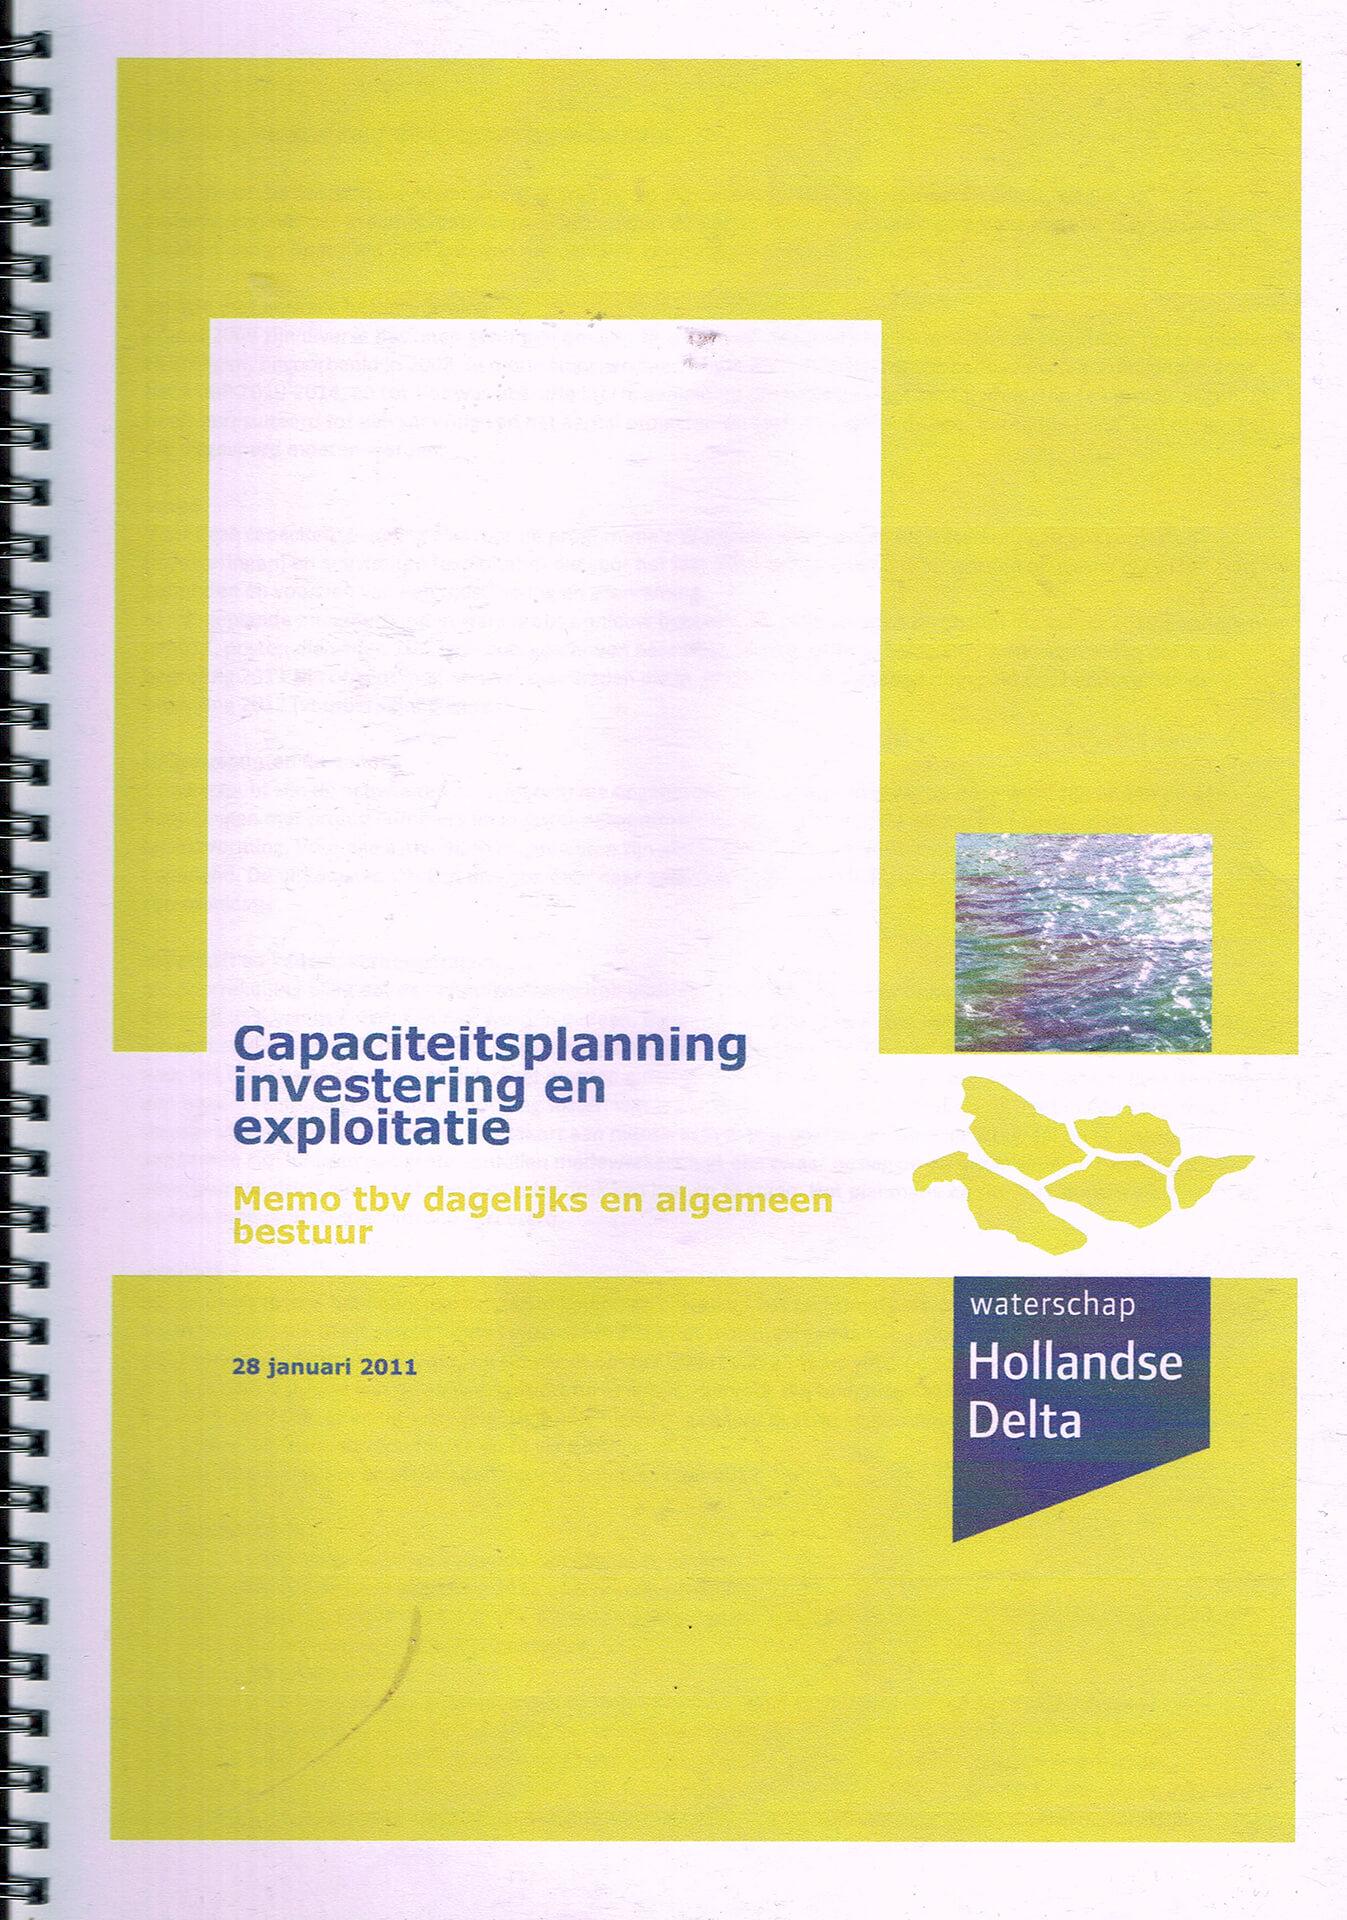 2012 Capaciteitsplanning Hollandse Delta